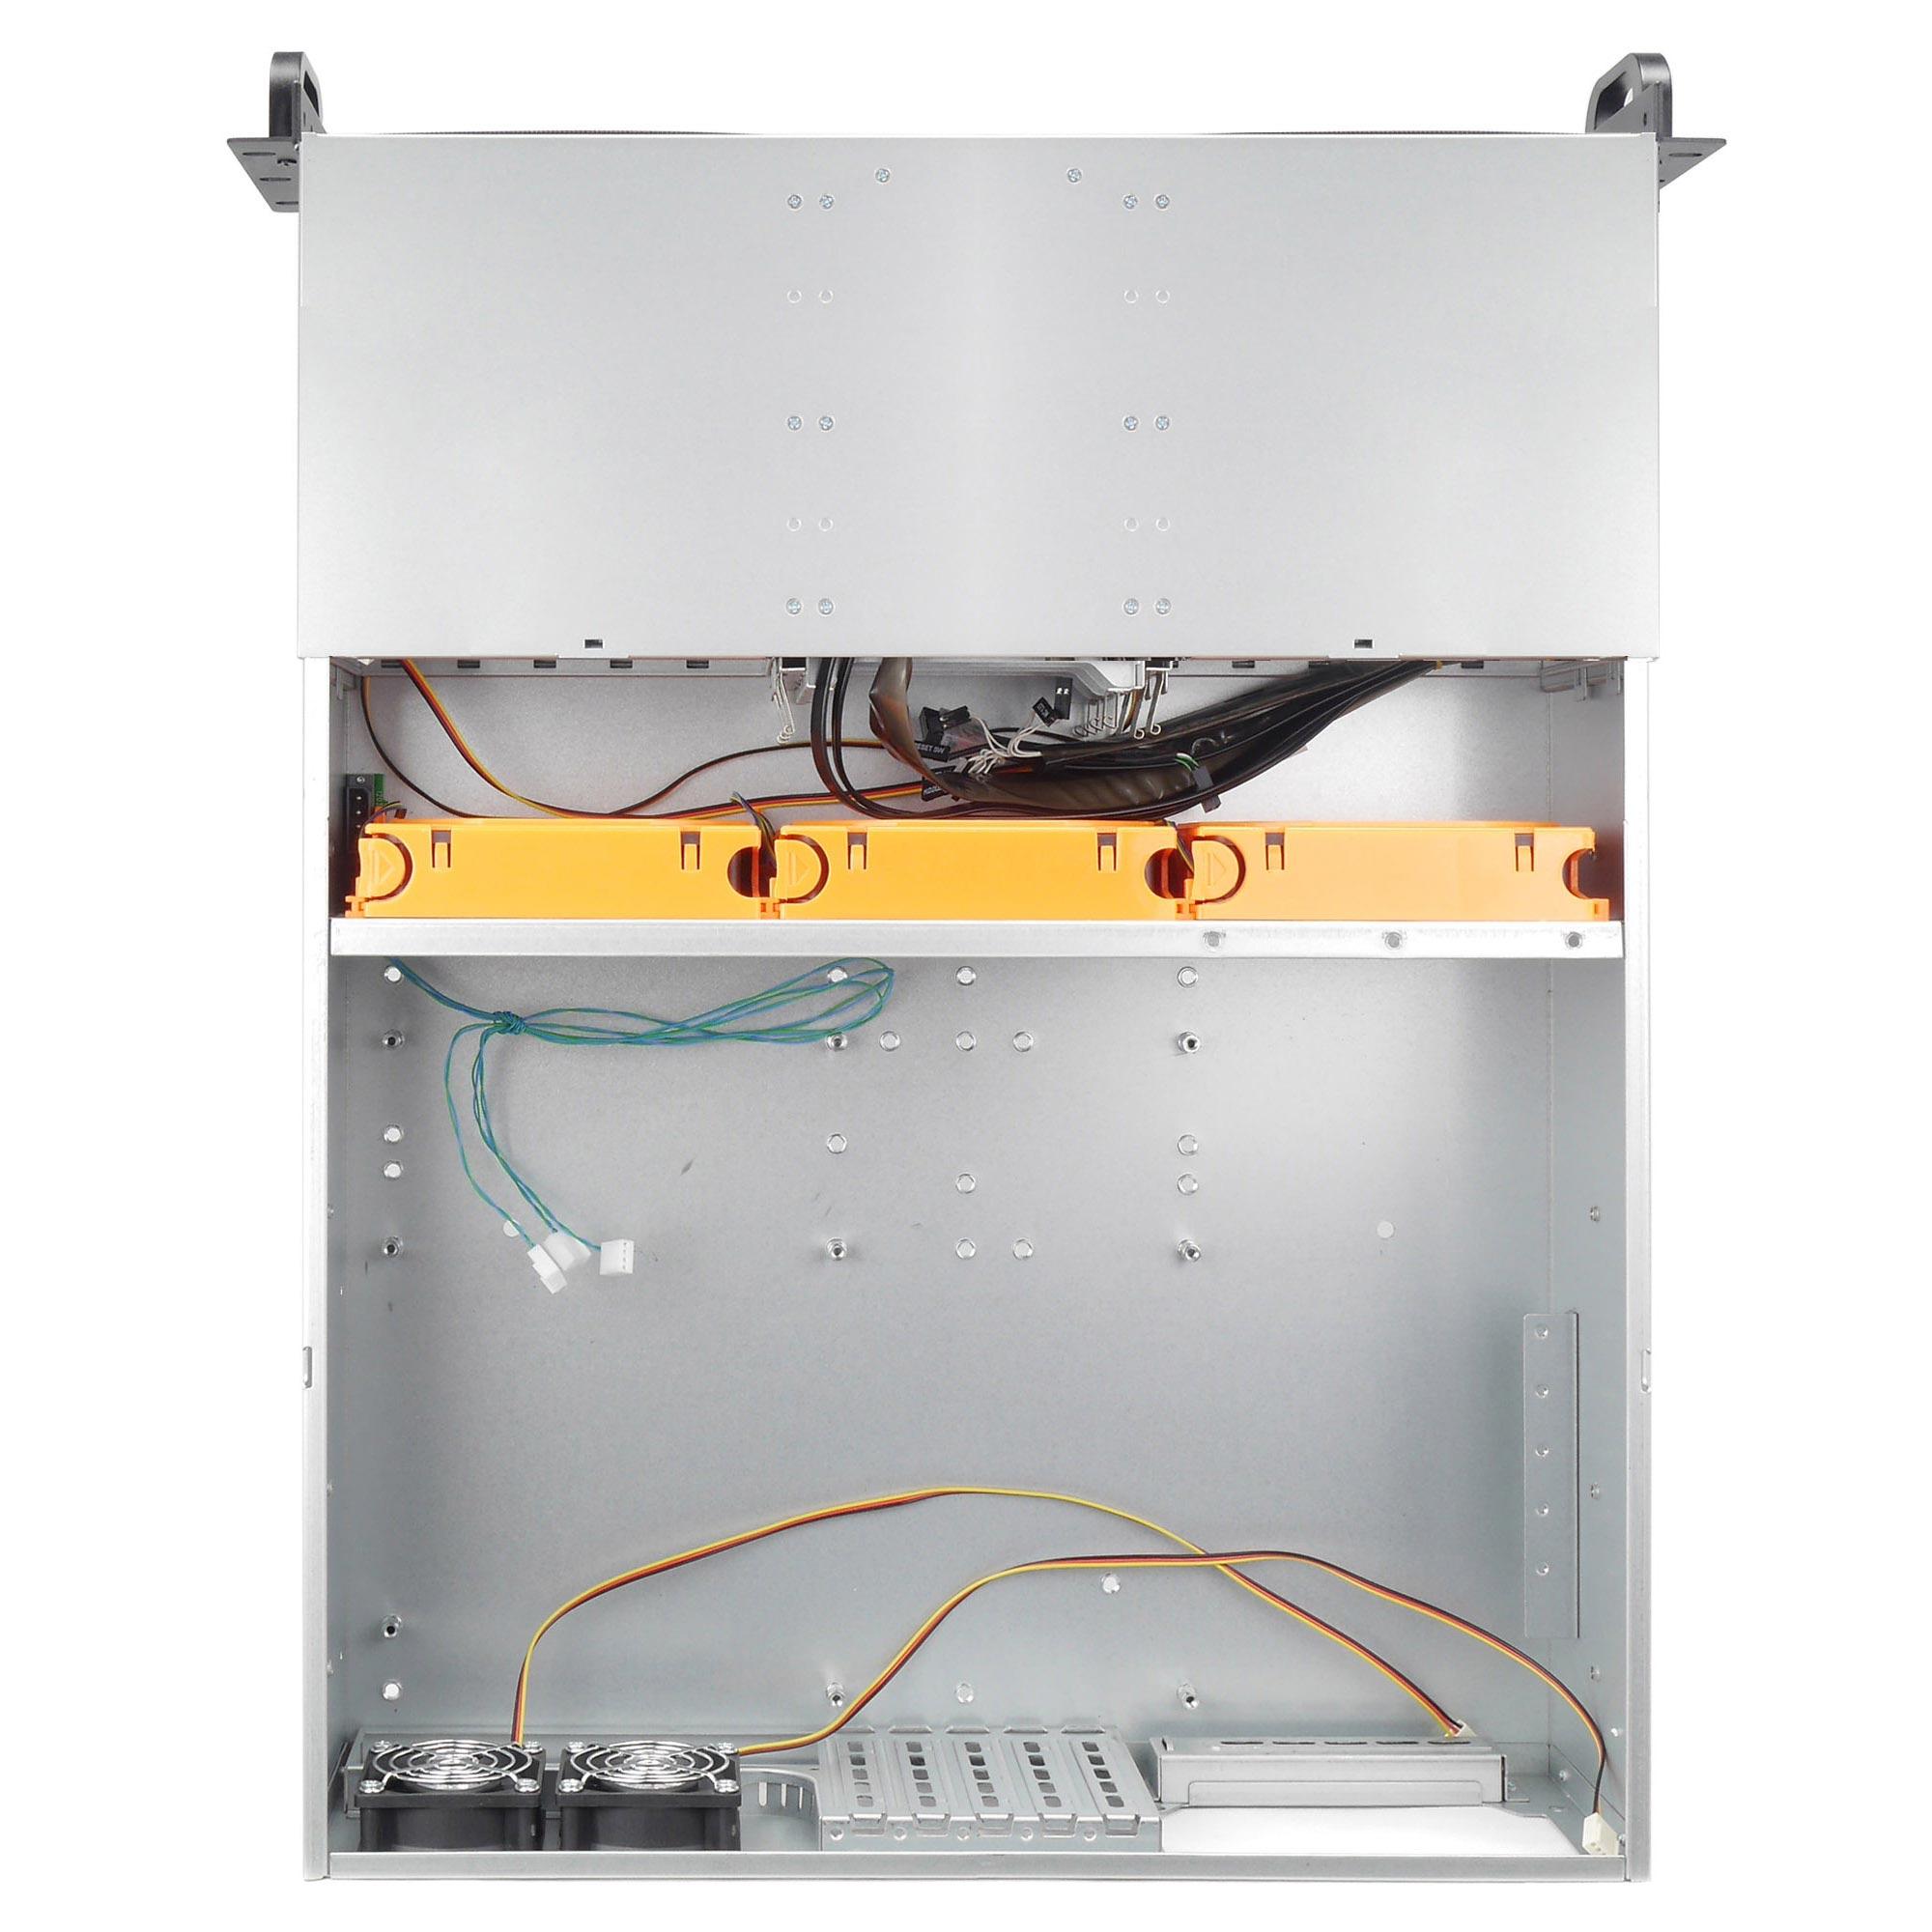 Серверный корпус 3U NR-N314 750Вт (EATX 12x13, 3x5.25ext, 4x3.5ext, 5х3.5int, 550мм), NegoRack